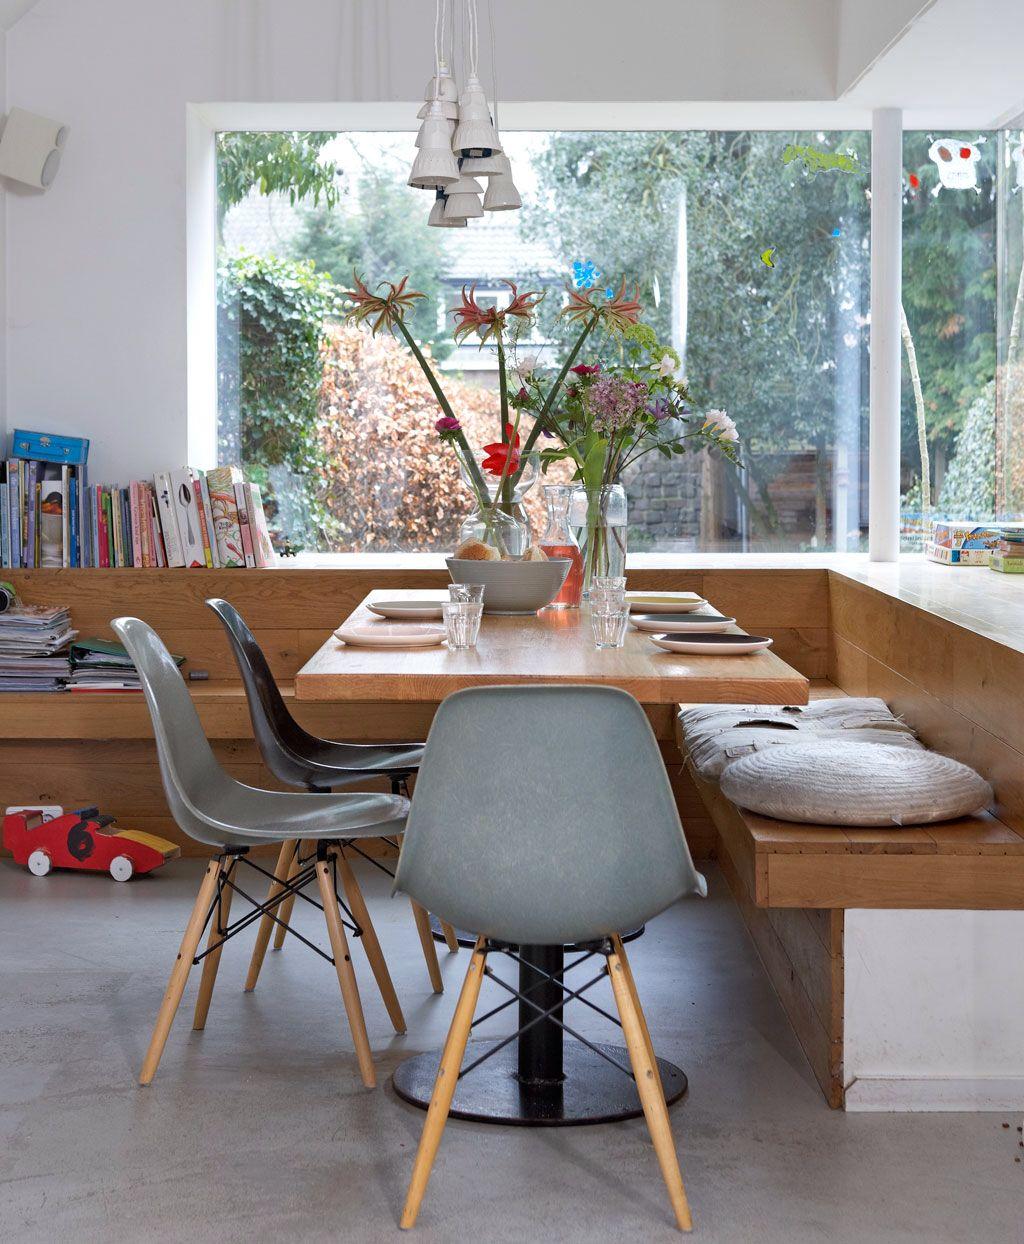 Full Size of Eingebaute Eckbank Vtwonen Sitzecke Kche Salamander Küche Mini Miniküche Mit Kühlschrank Kaufen Ikea Hängeschrank Höhe Wandfliesen Nischenrückwand Alno Küche Küche Sitzecke